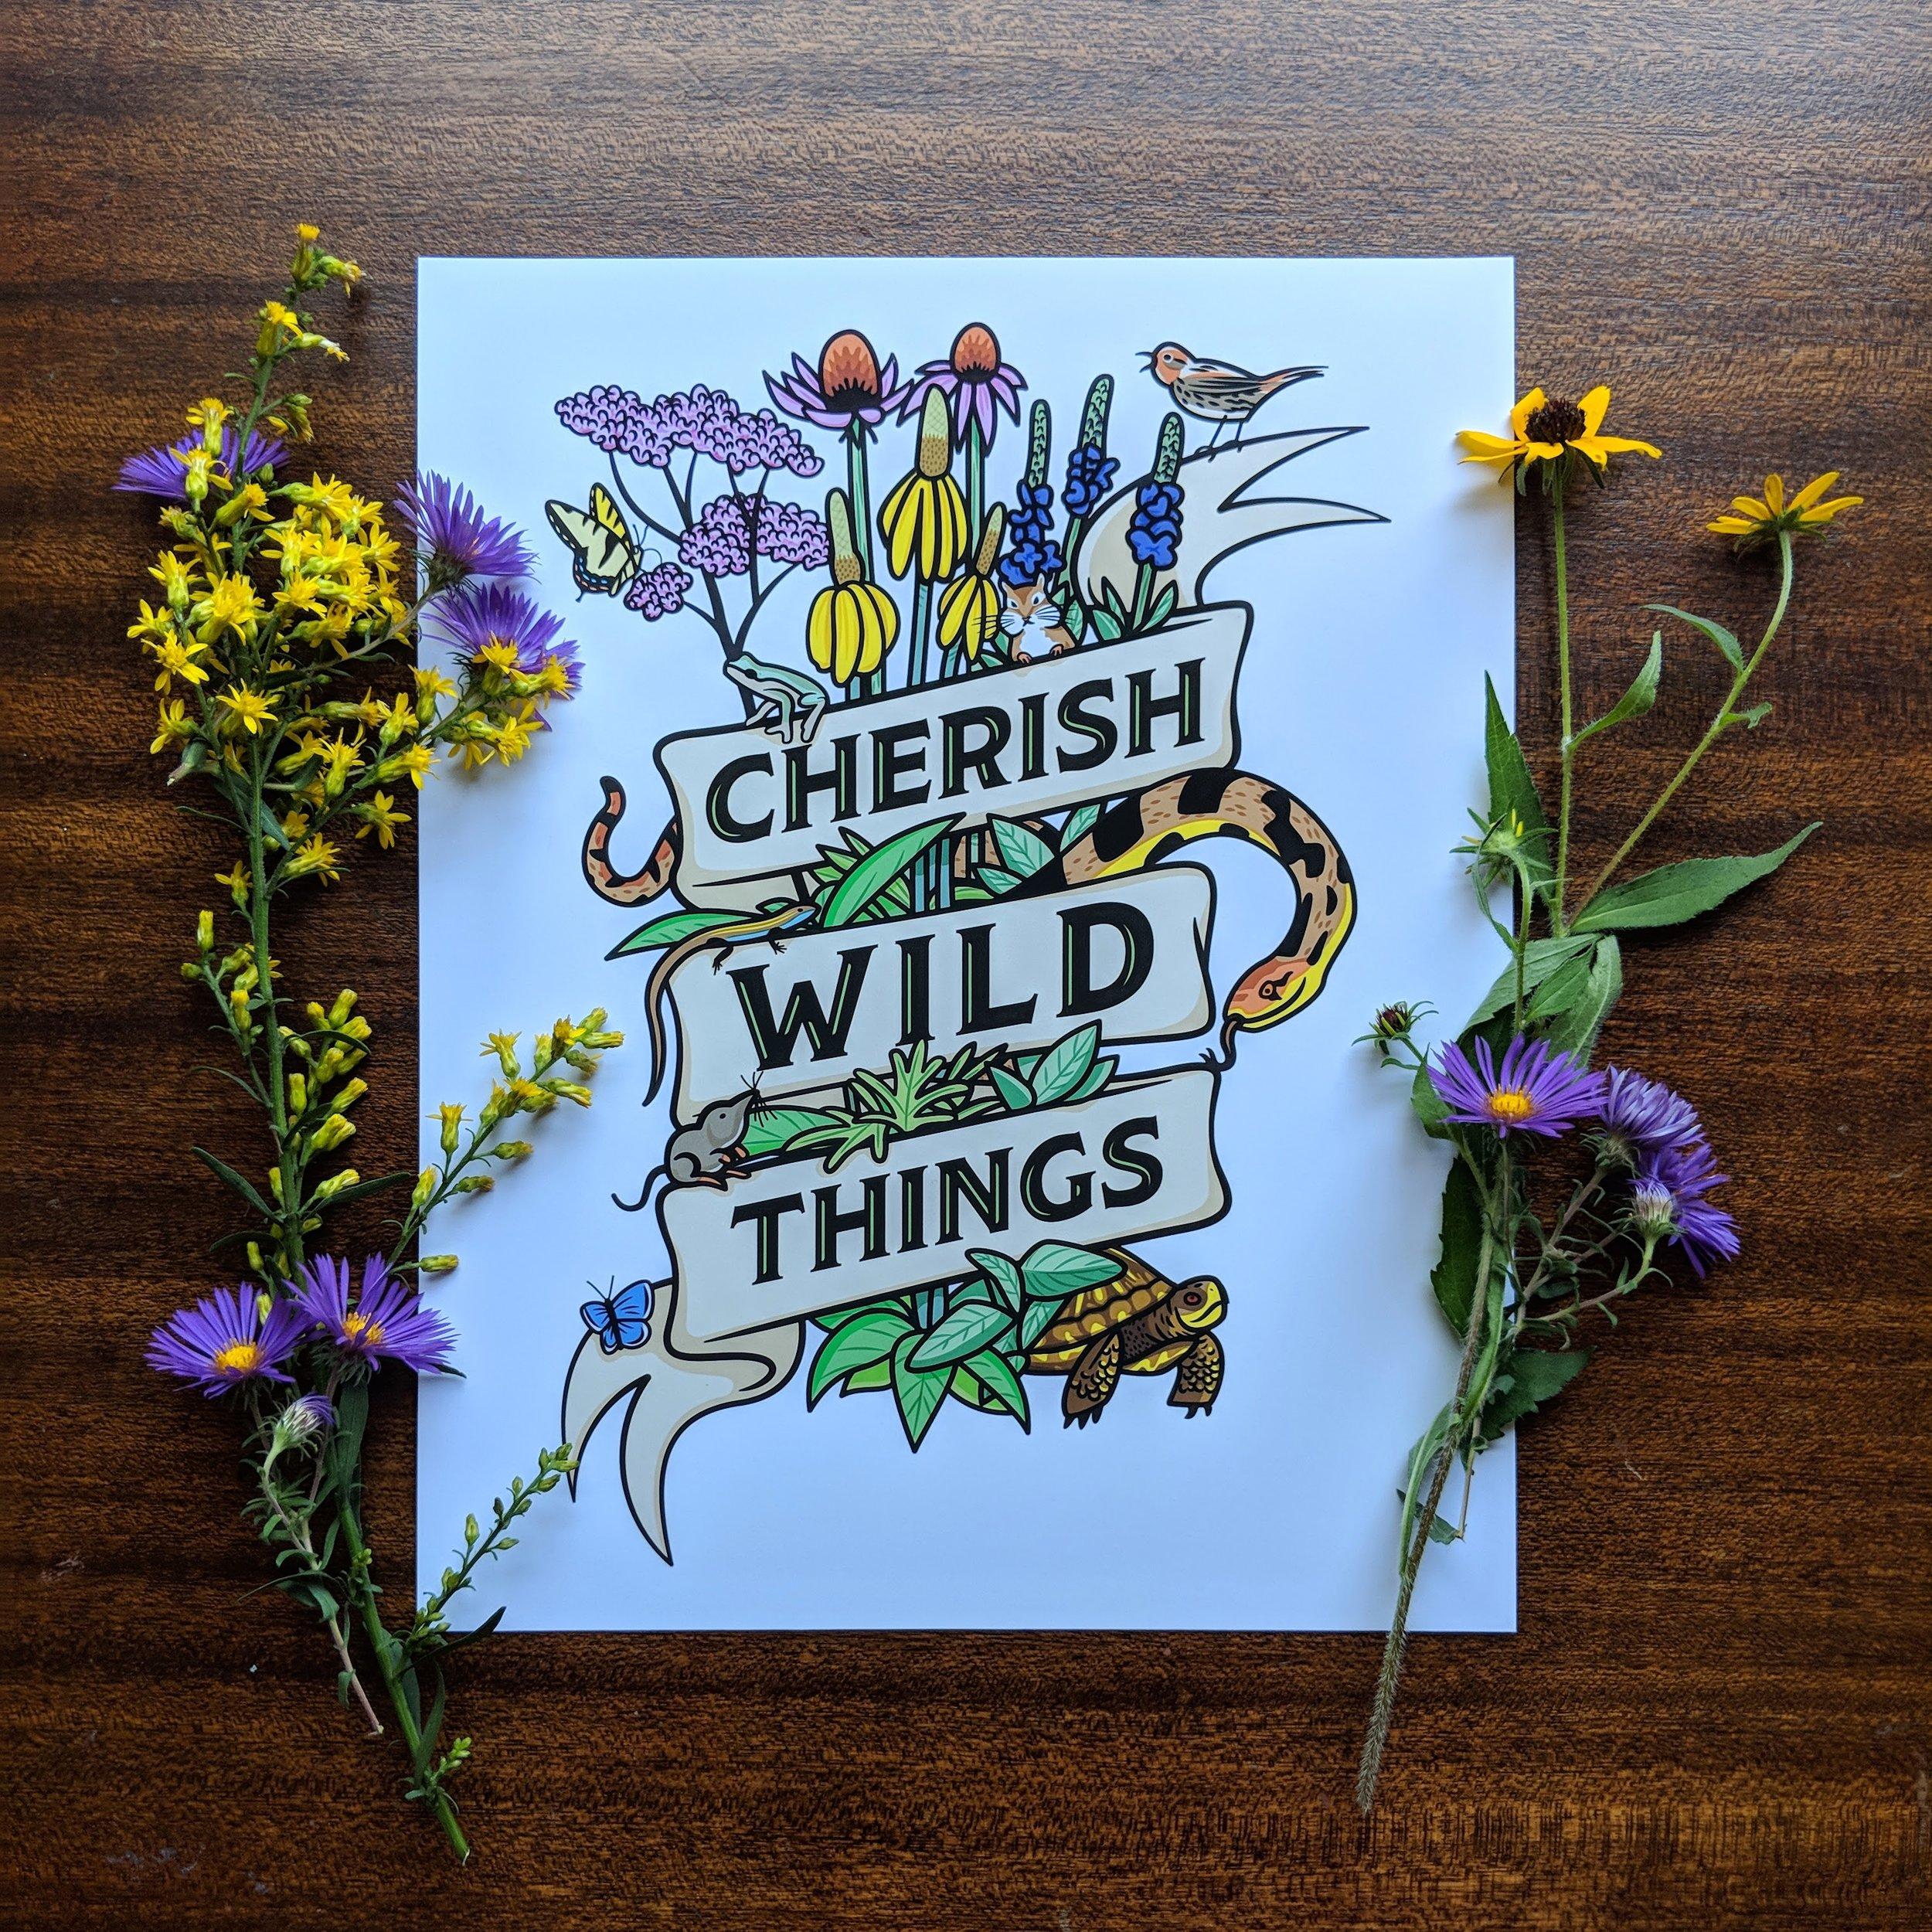 wild_things_print.jpg